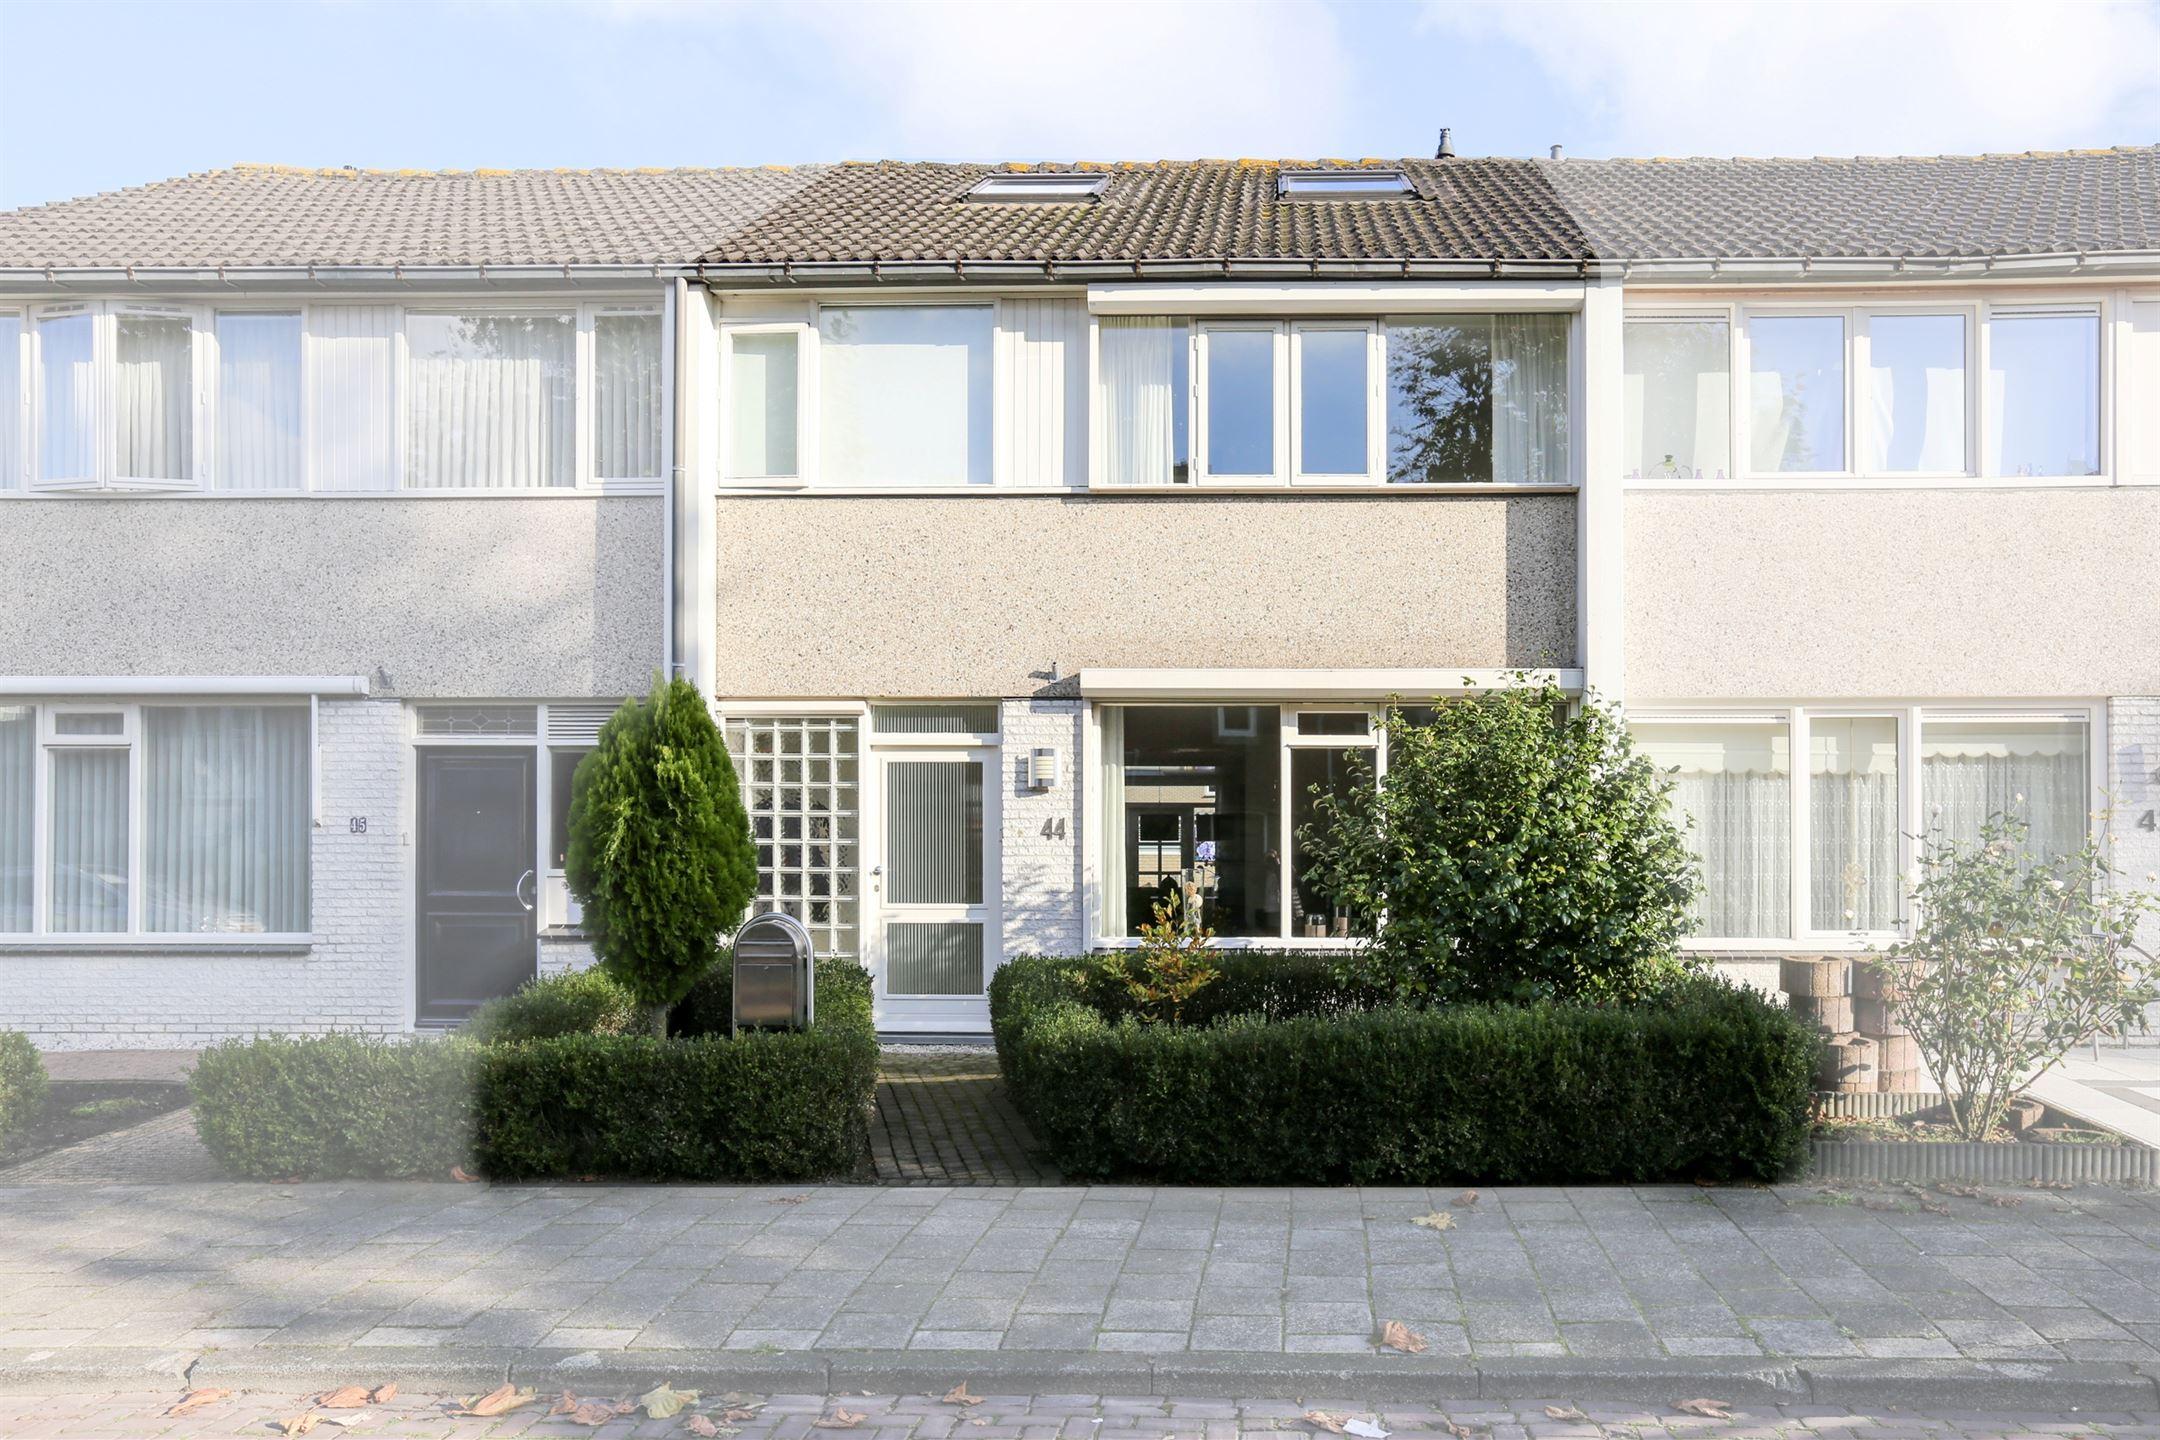 Slaapkamer Meubels Waalwijk : Verkocht: europaplein 44 5142 cj waalwijk [funda]